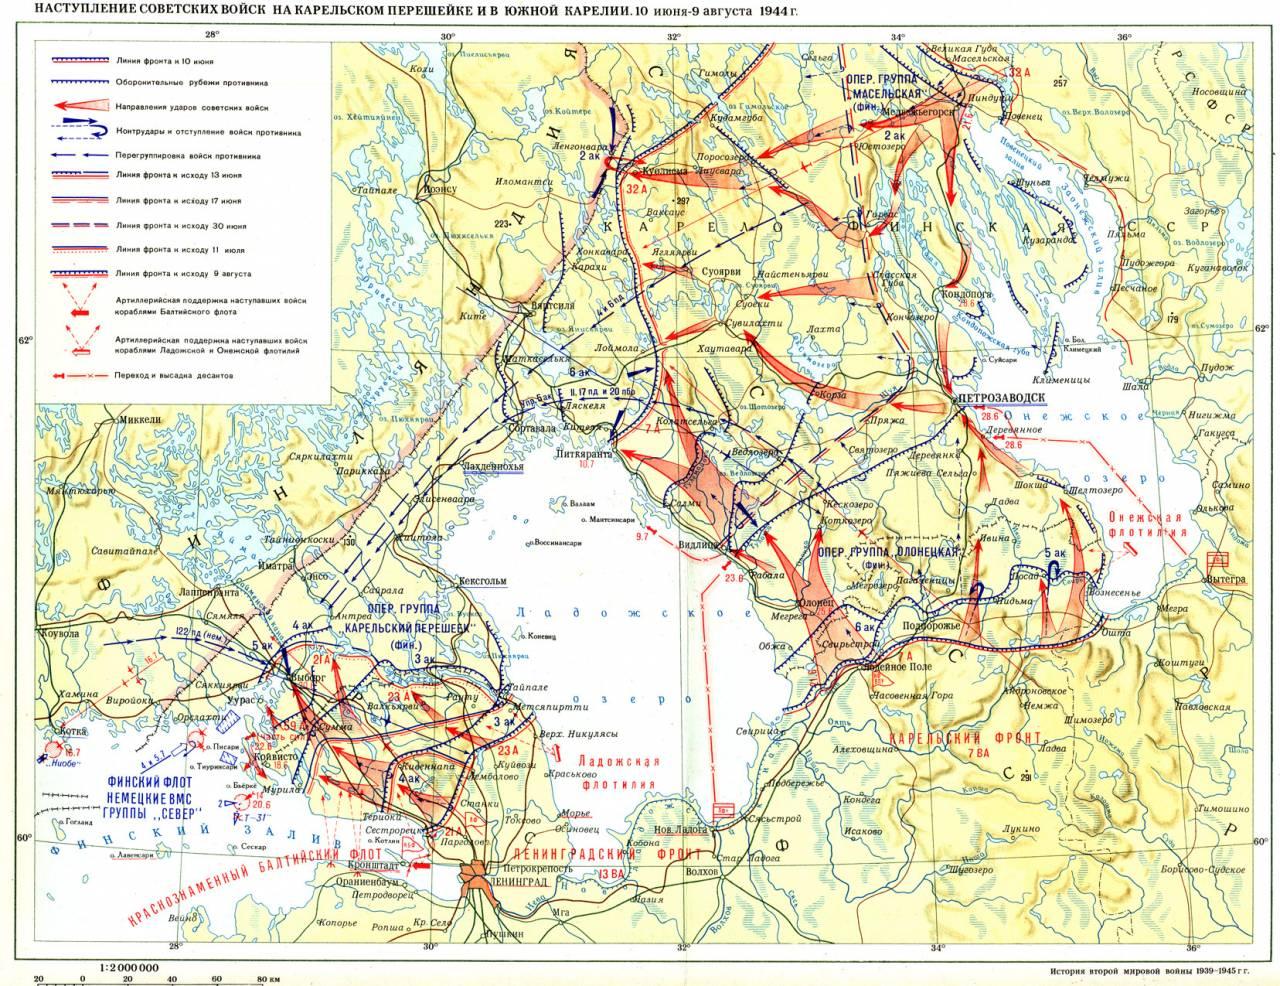 нападение ссср на польшу 17 сентября 1939